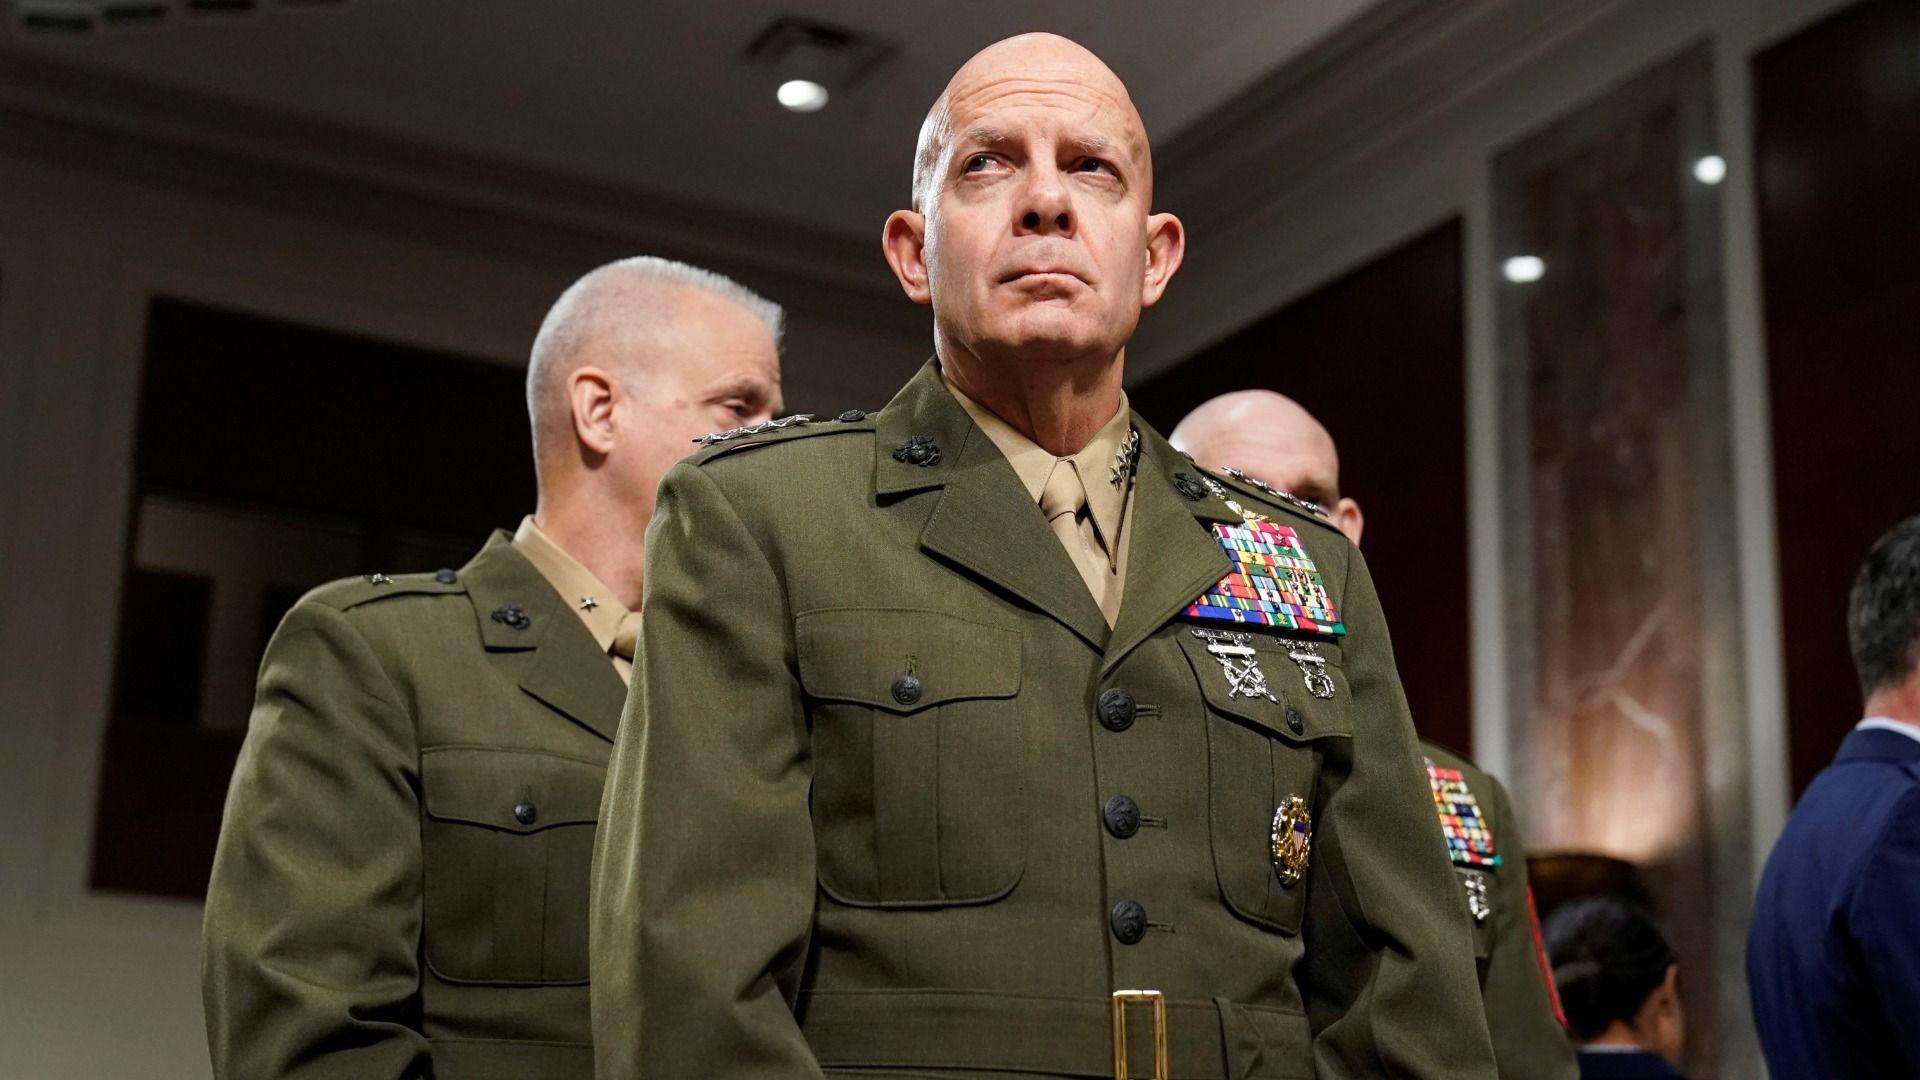 米海兵隊の総司令官、戦場におけるAI活用を訴求・自律型兵器の導入も指示(佐藤仁) - 個人 - Yahoo!ニュース